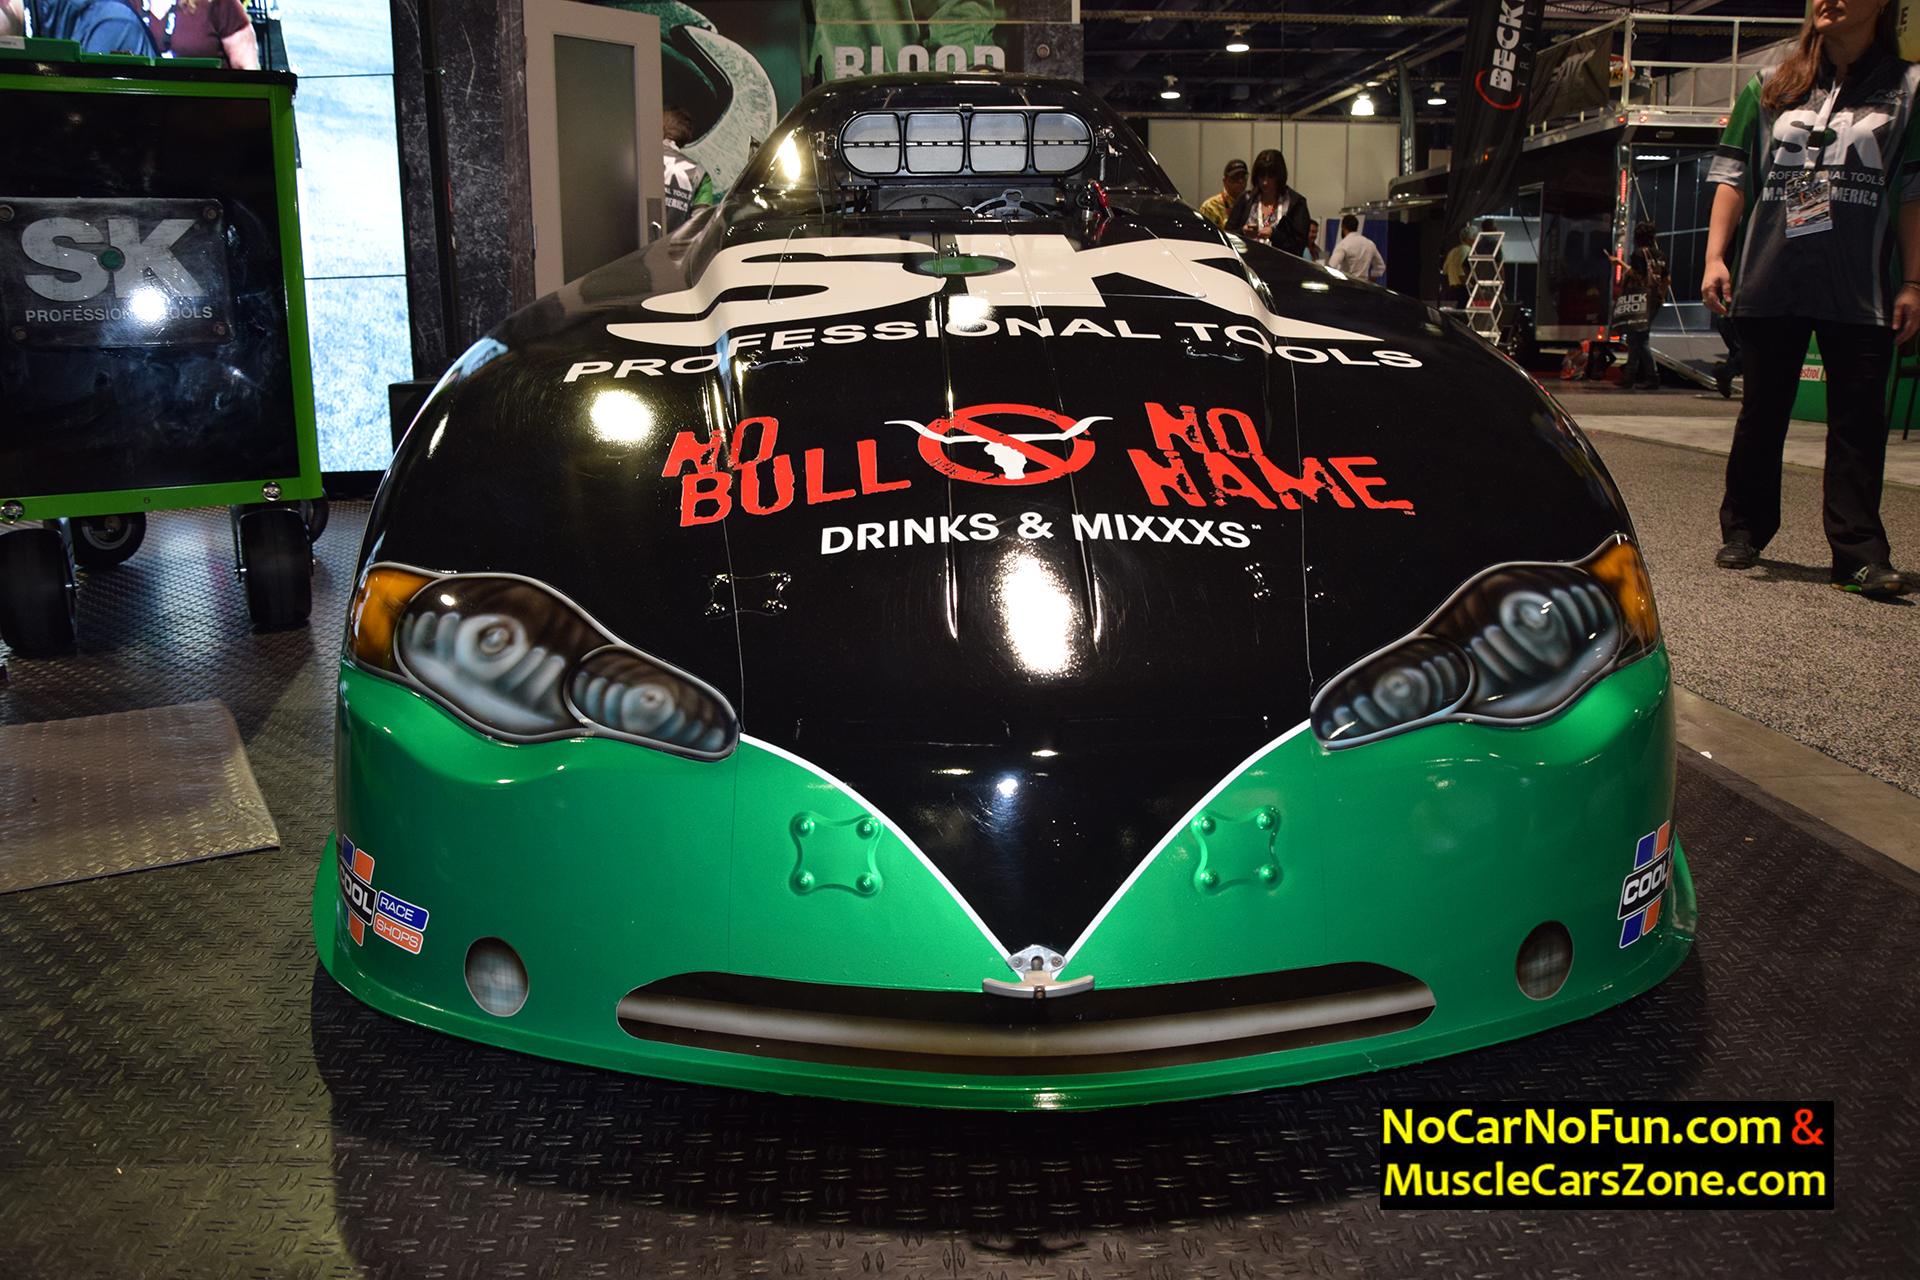 Mopar Blown Drag Racing Car by SK Professional Tools - 2015 SEMA ...